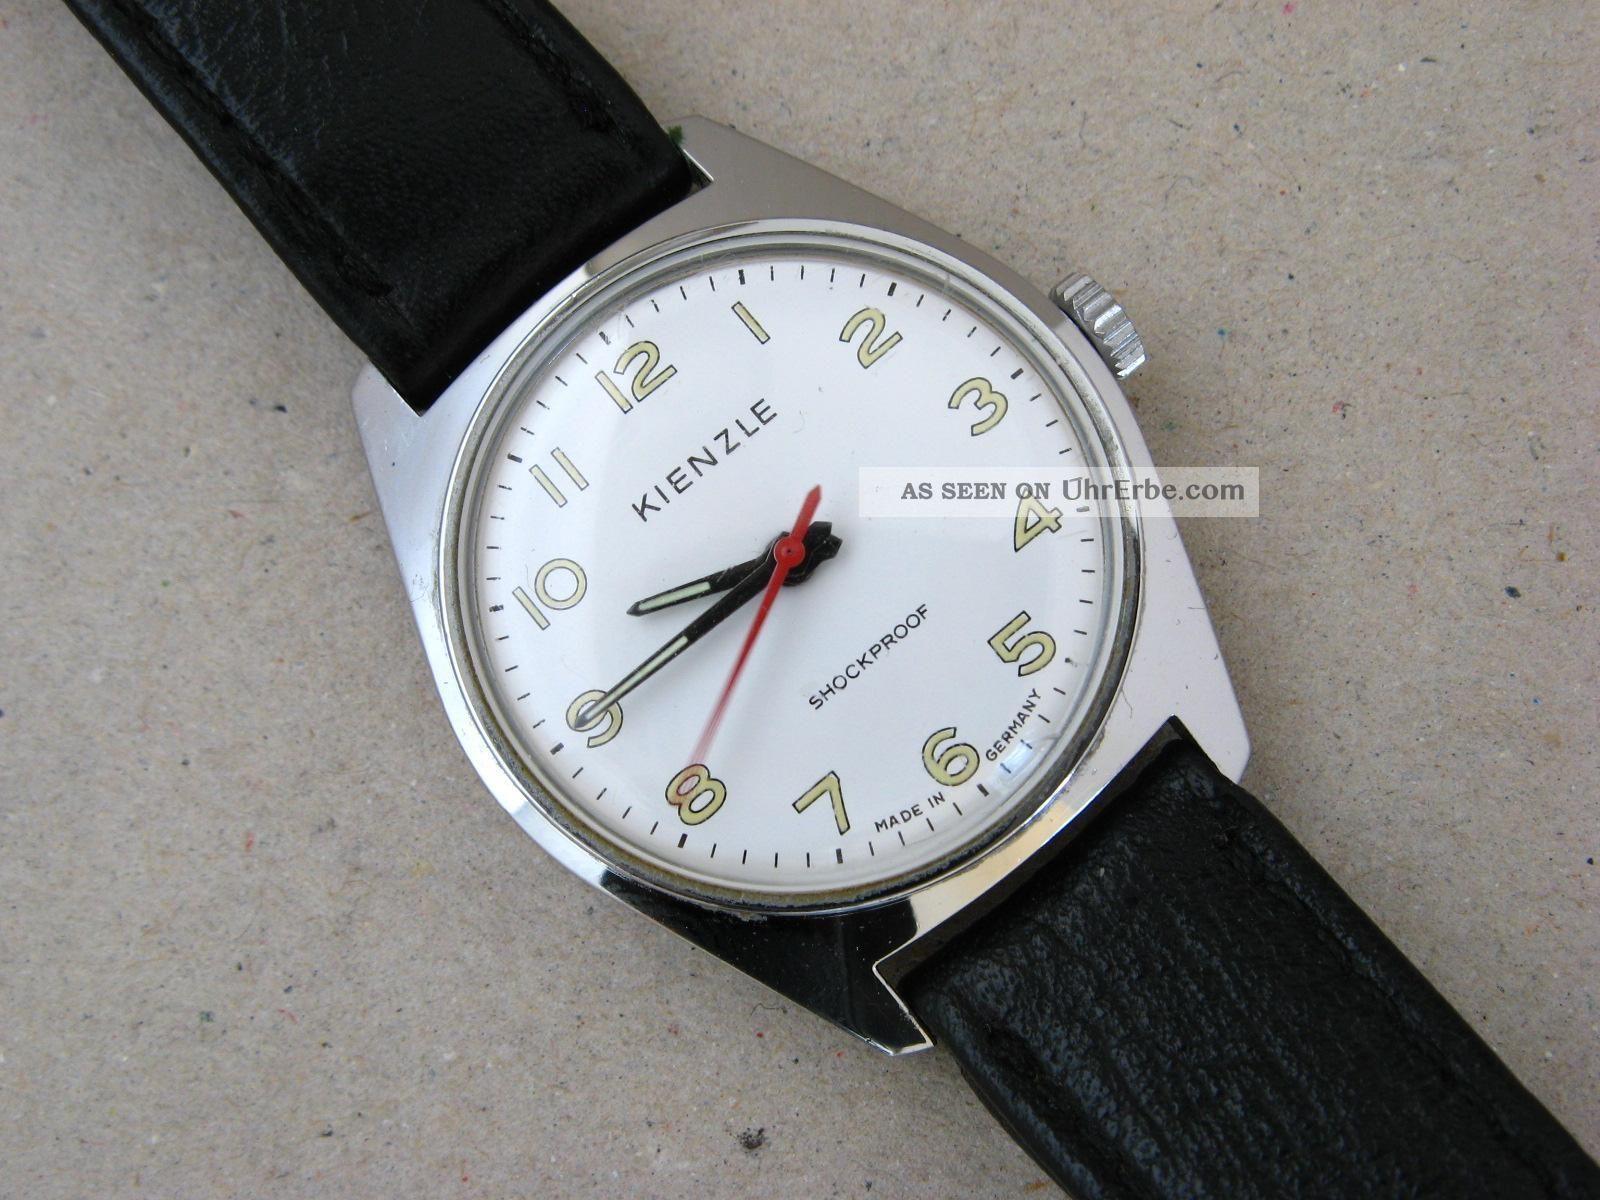 Kienzle Uhr Vintage Watch Armbanduhr Hau Handaufzug Vintage Wrist Watch Armbanduhren Bild